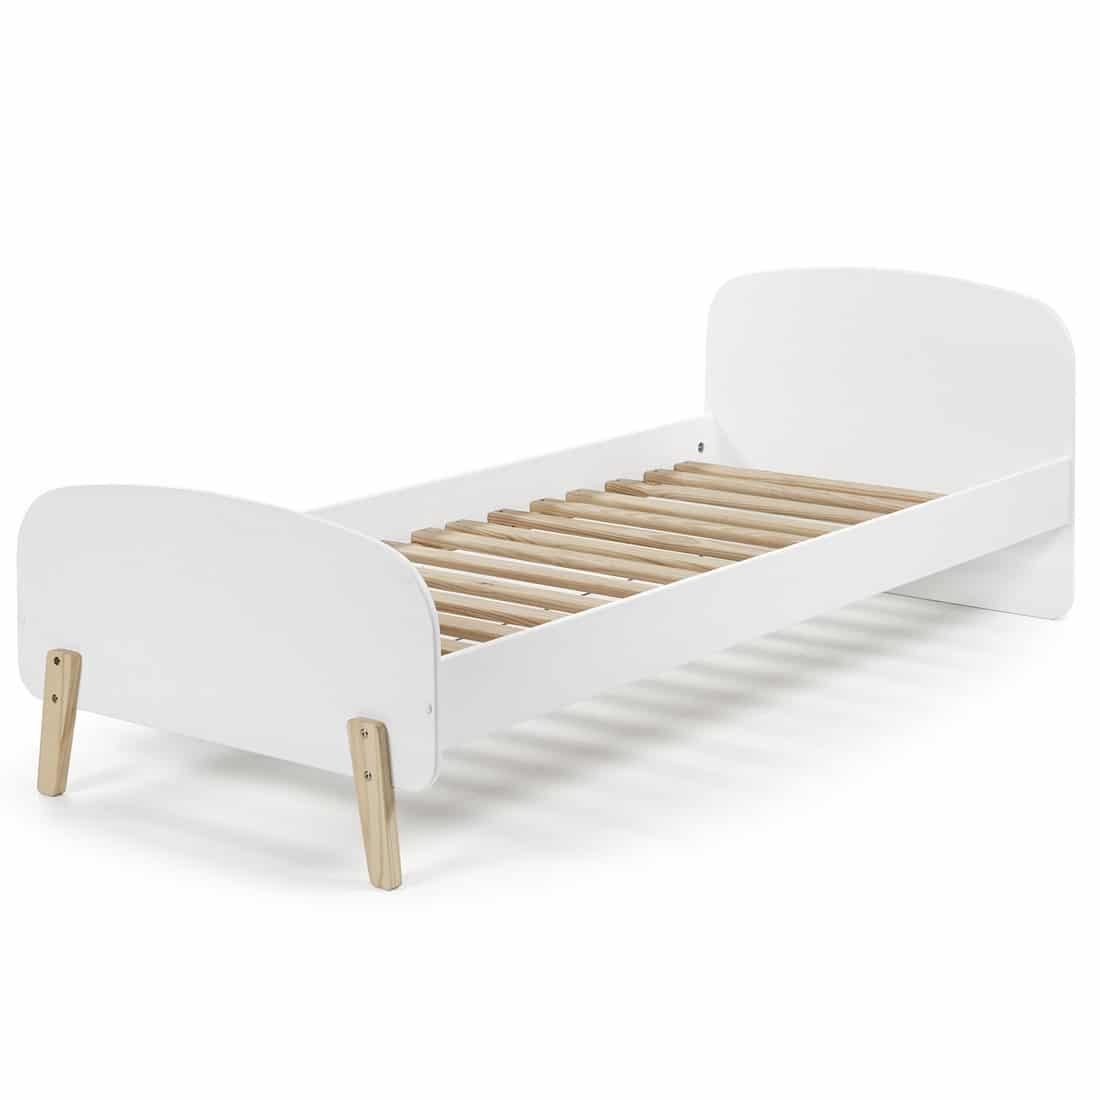 lit-design-enfant-dream-blanc-nordic-factory-z